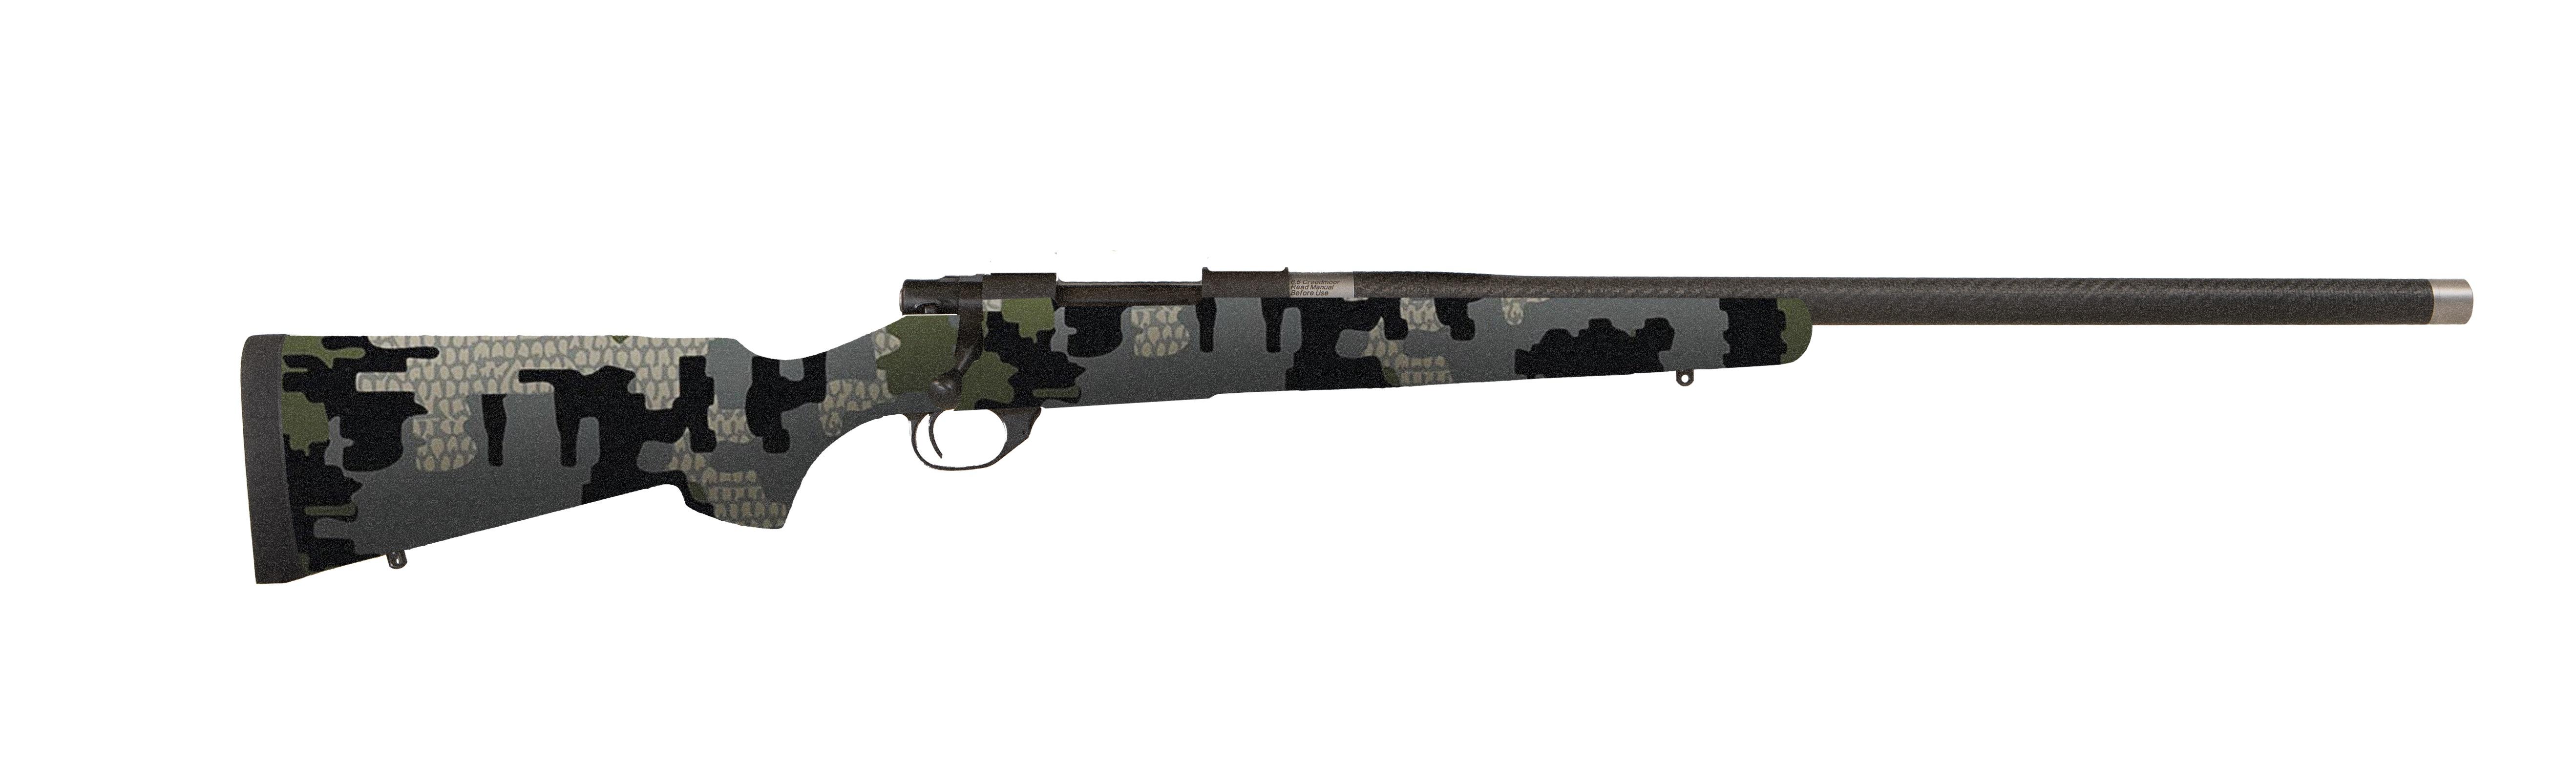 HOWA M1500 HS CARBON FIBER 6.5 PRC